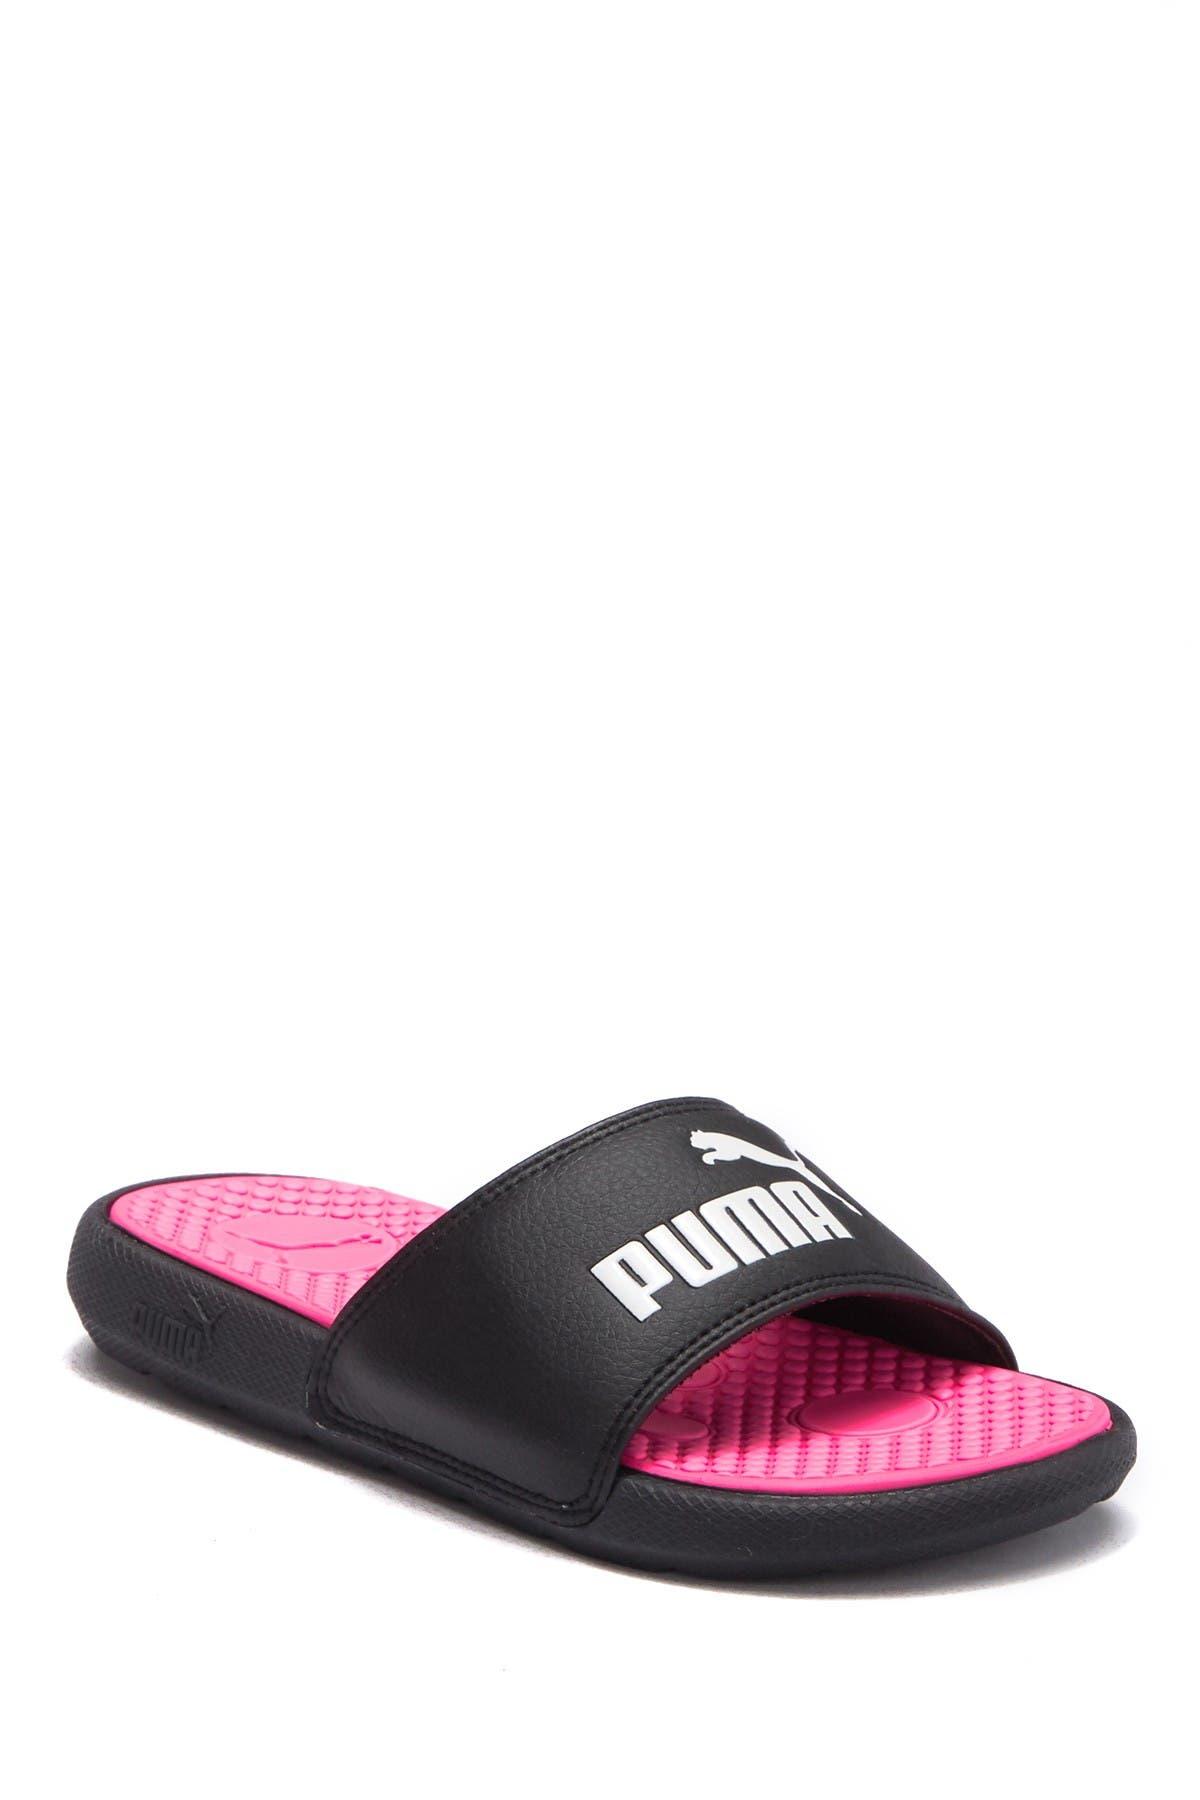 Image of PUMA Cool Cat Slide Sandal